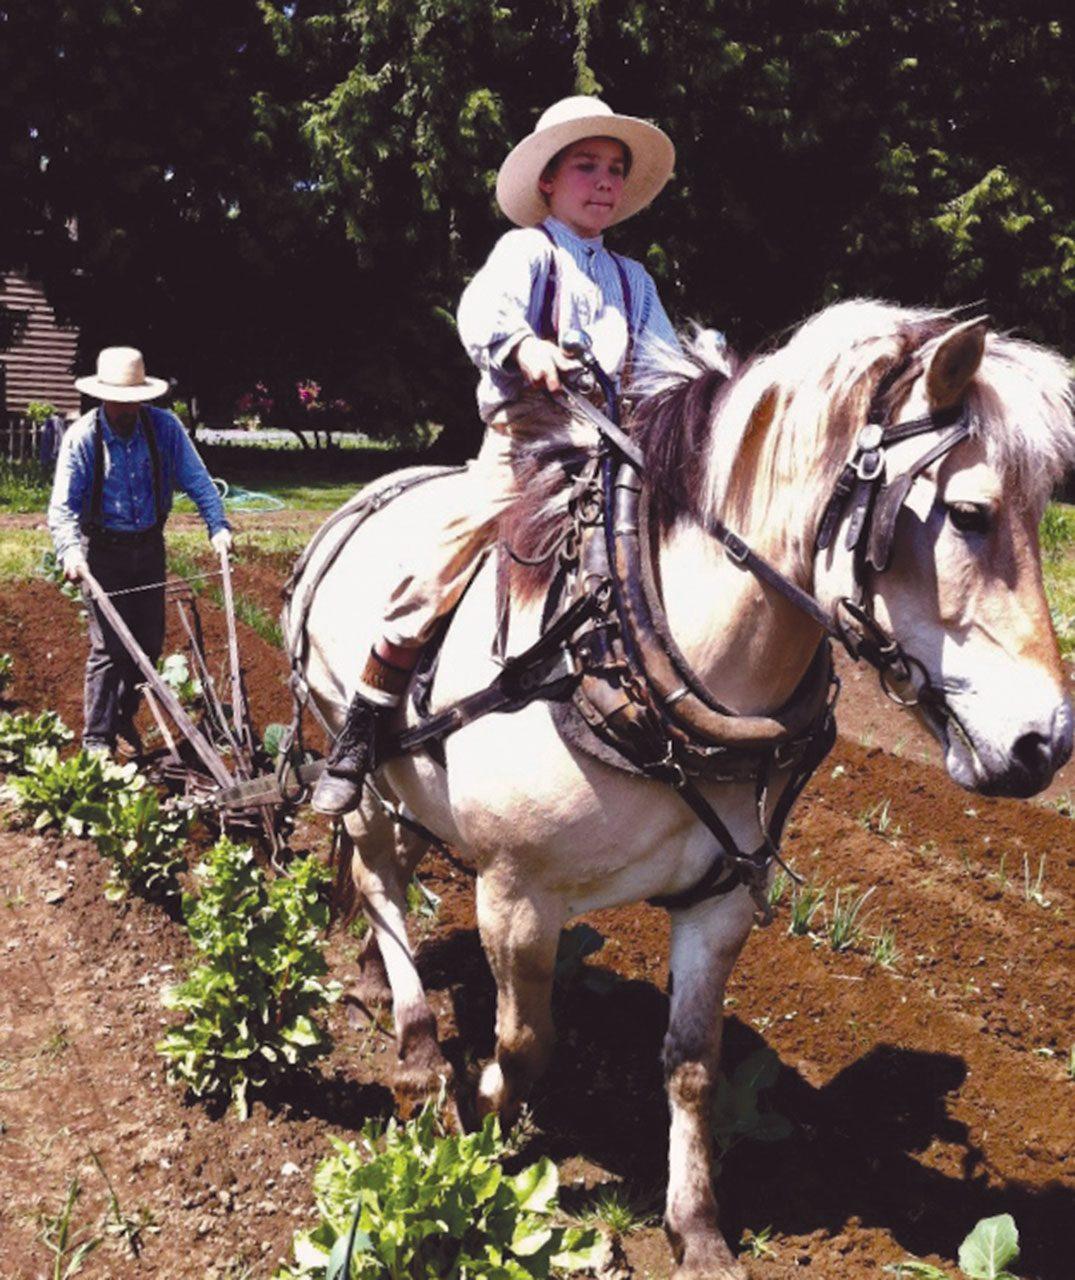 LittleField Notes Comentarium Agriculturae Miscelenea